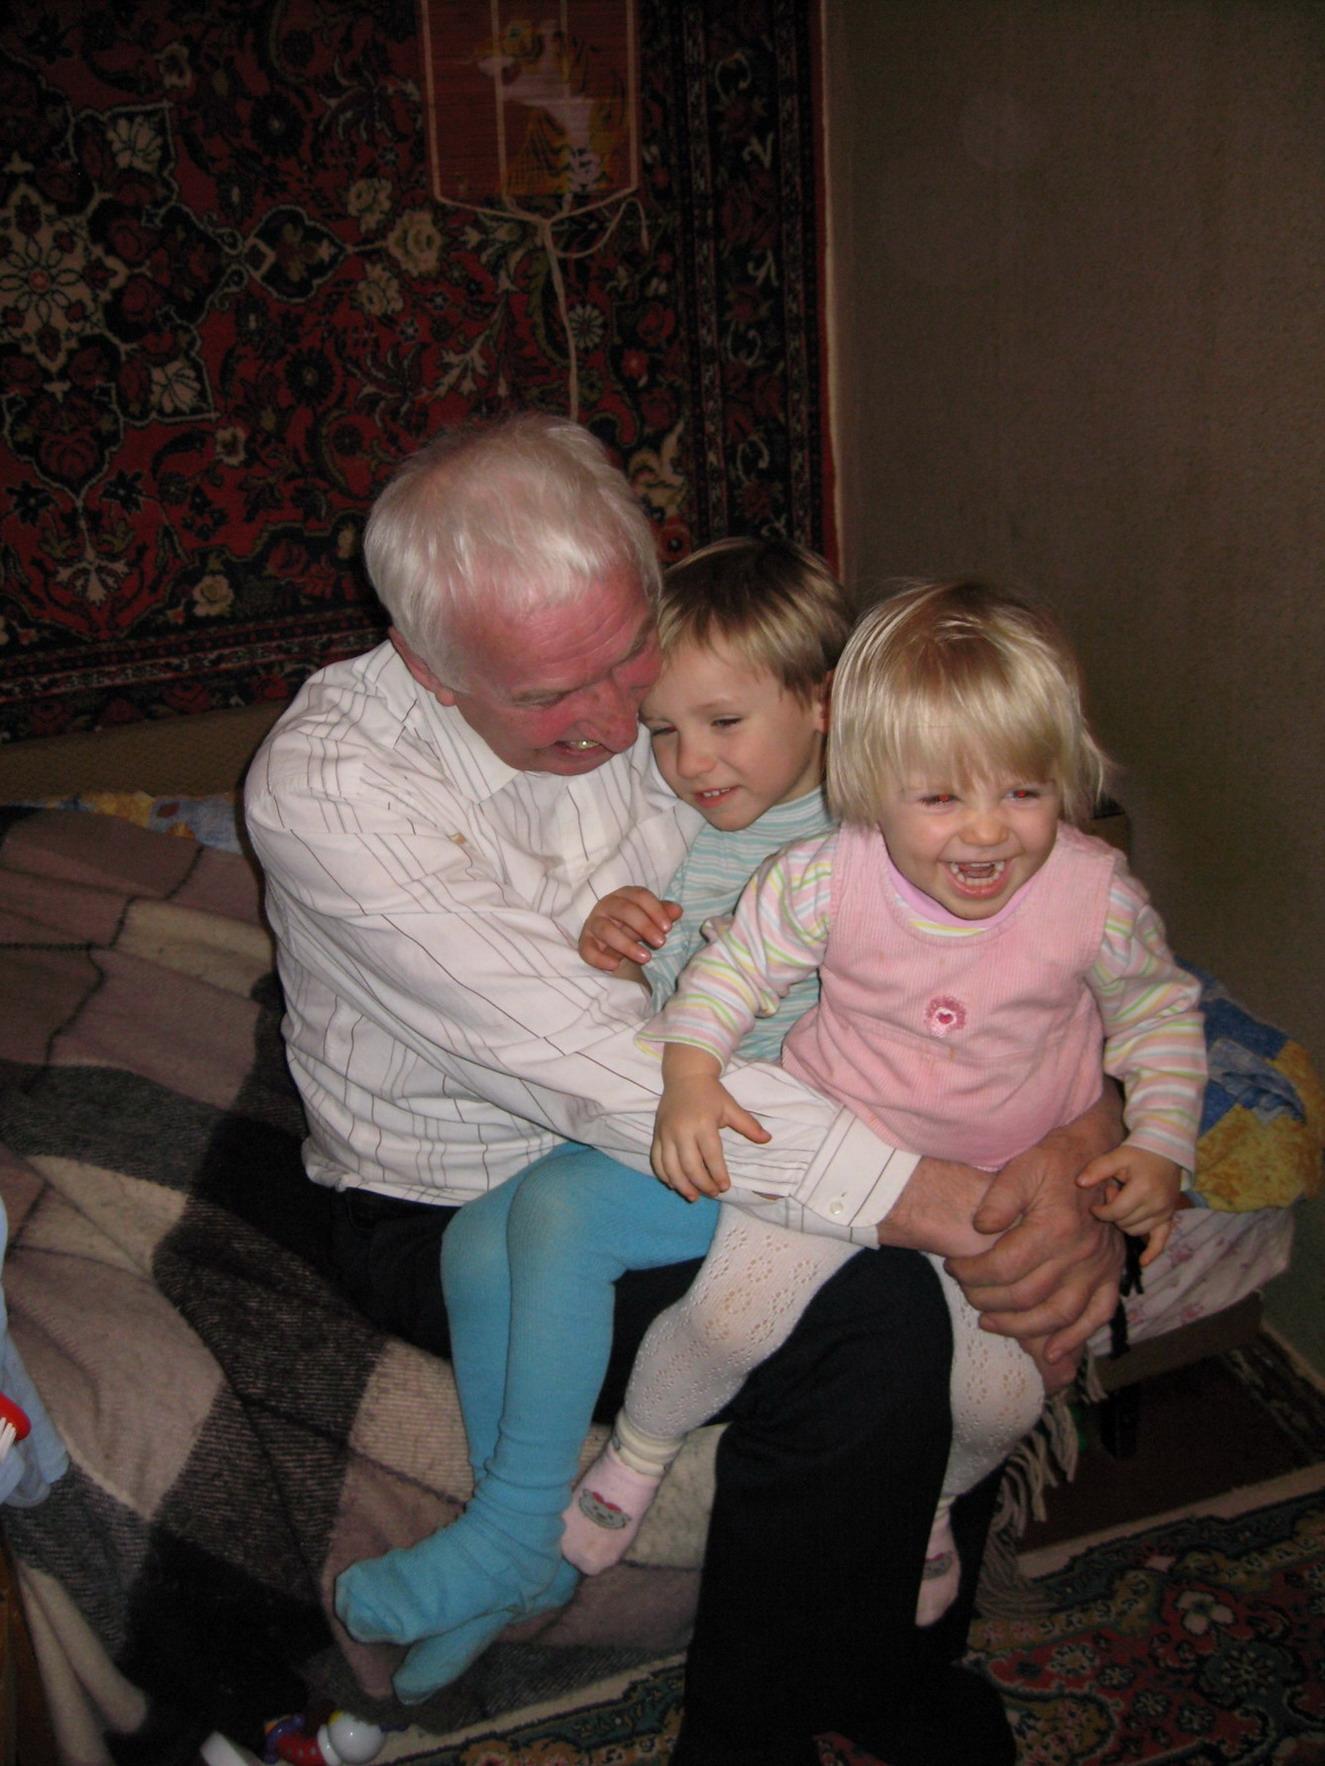 с4астлиВЫй дед и внуки - Детки и предки. Детки и предки